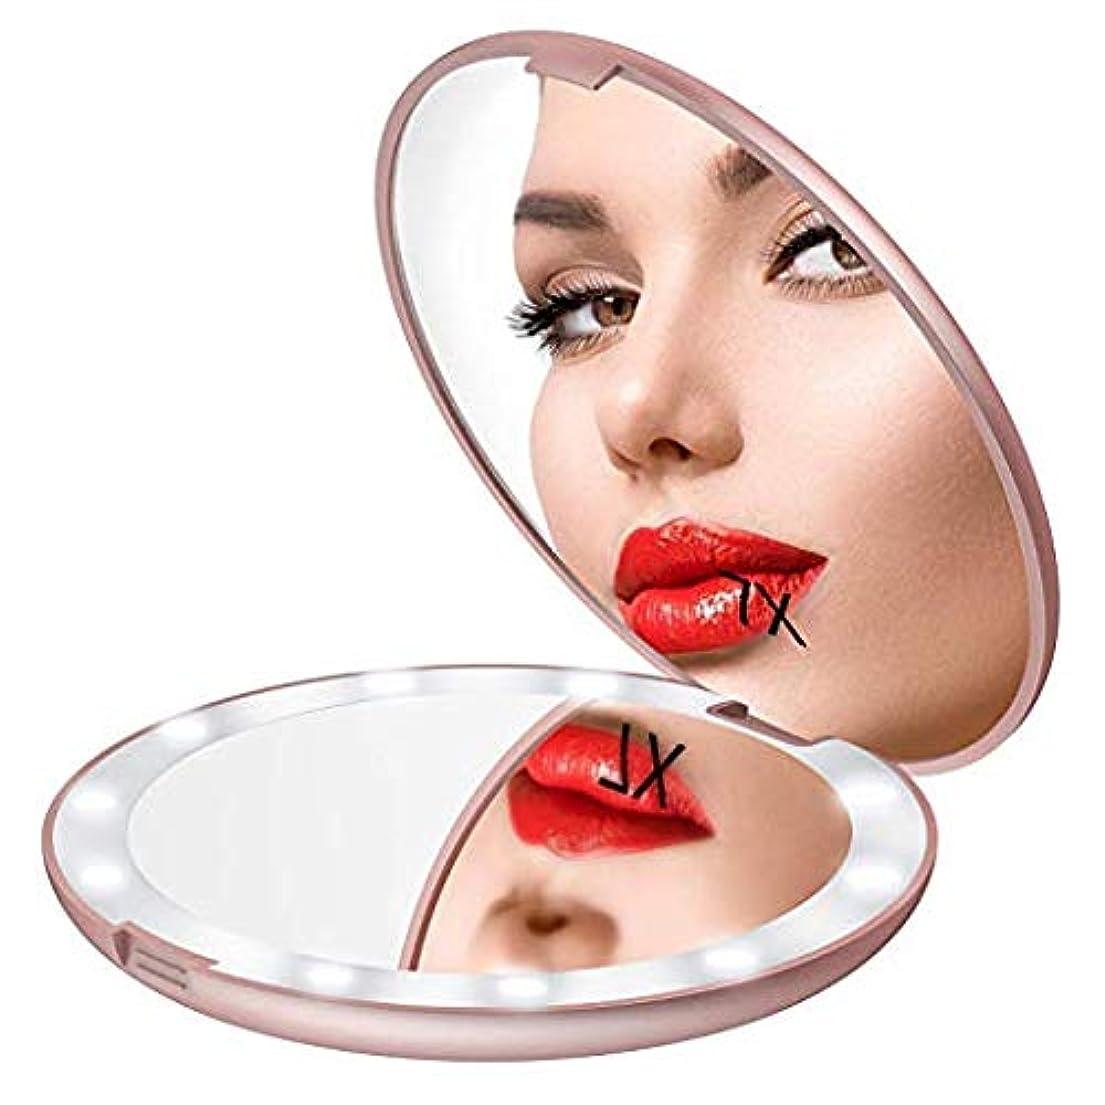 ベンチエキス操縦するGospire 化粧鏡 7倍拡大鏡 携帯ミラー 化粧ミラー LEDライト 手鏡 折りたたみ式 コンパクト 角度調整可 (ピンクゴールド)